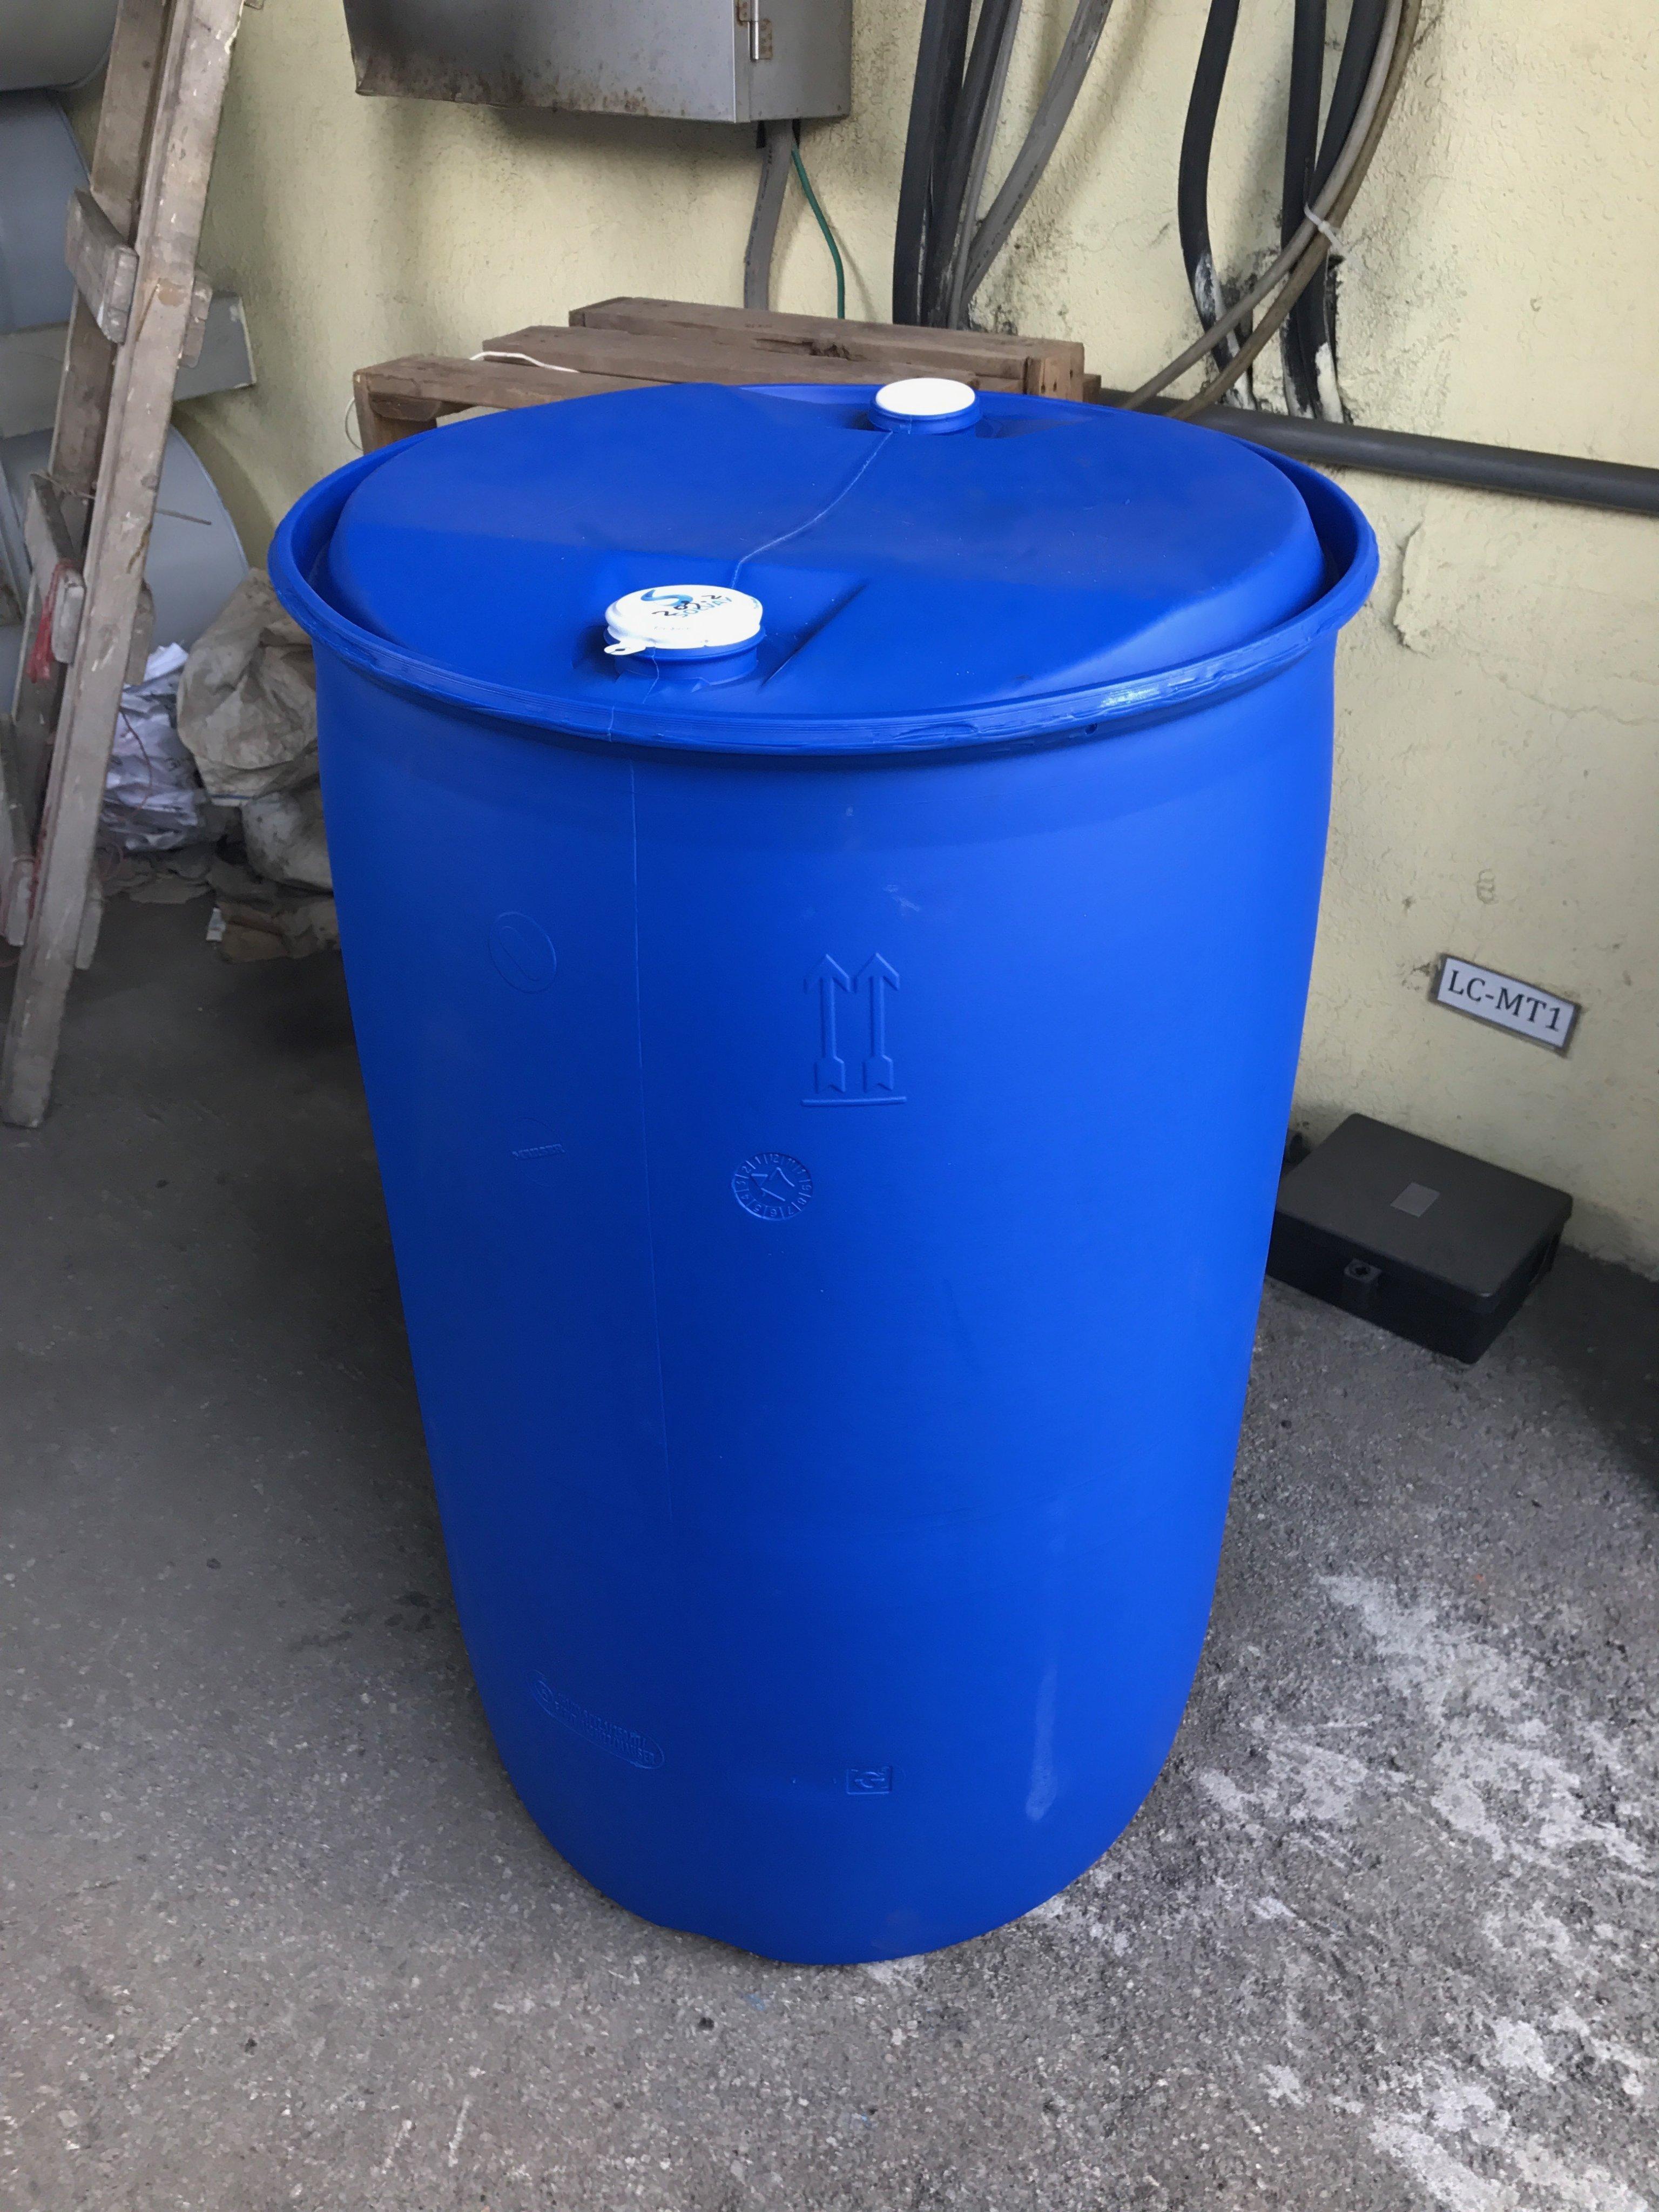 只賣大量 二手 沒整理過的 200 公升 塑膠桶  200L 塑膠桶  沒整理過的塑膠桶 此價格只賣大量110個